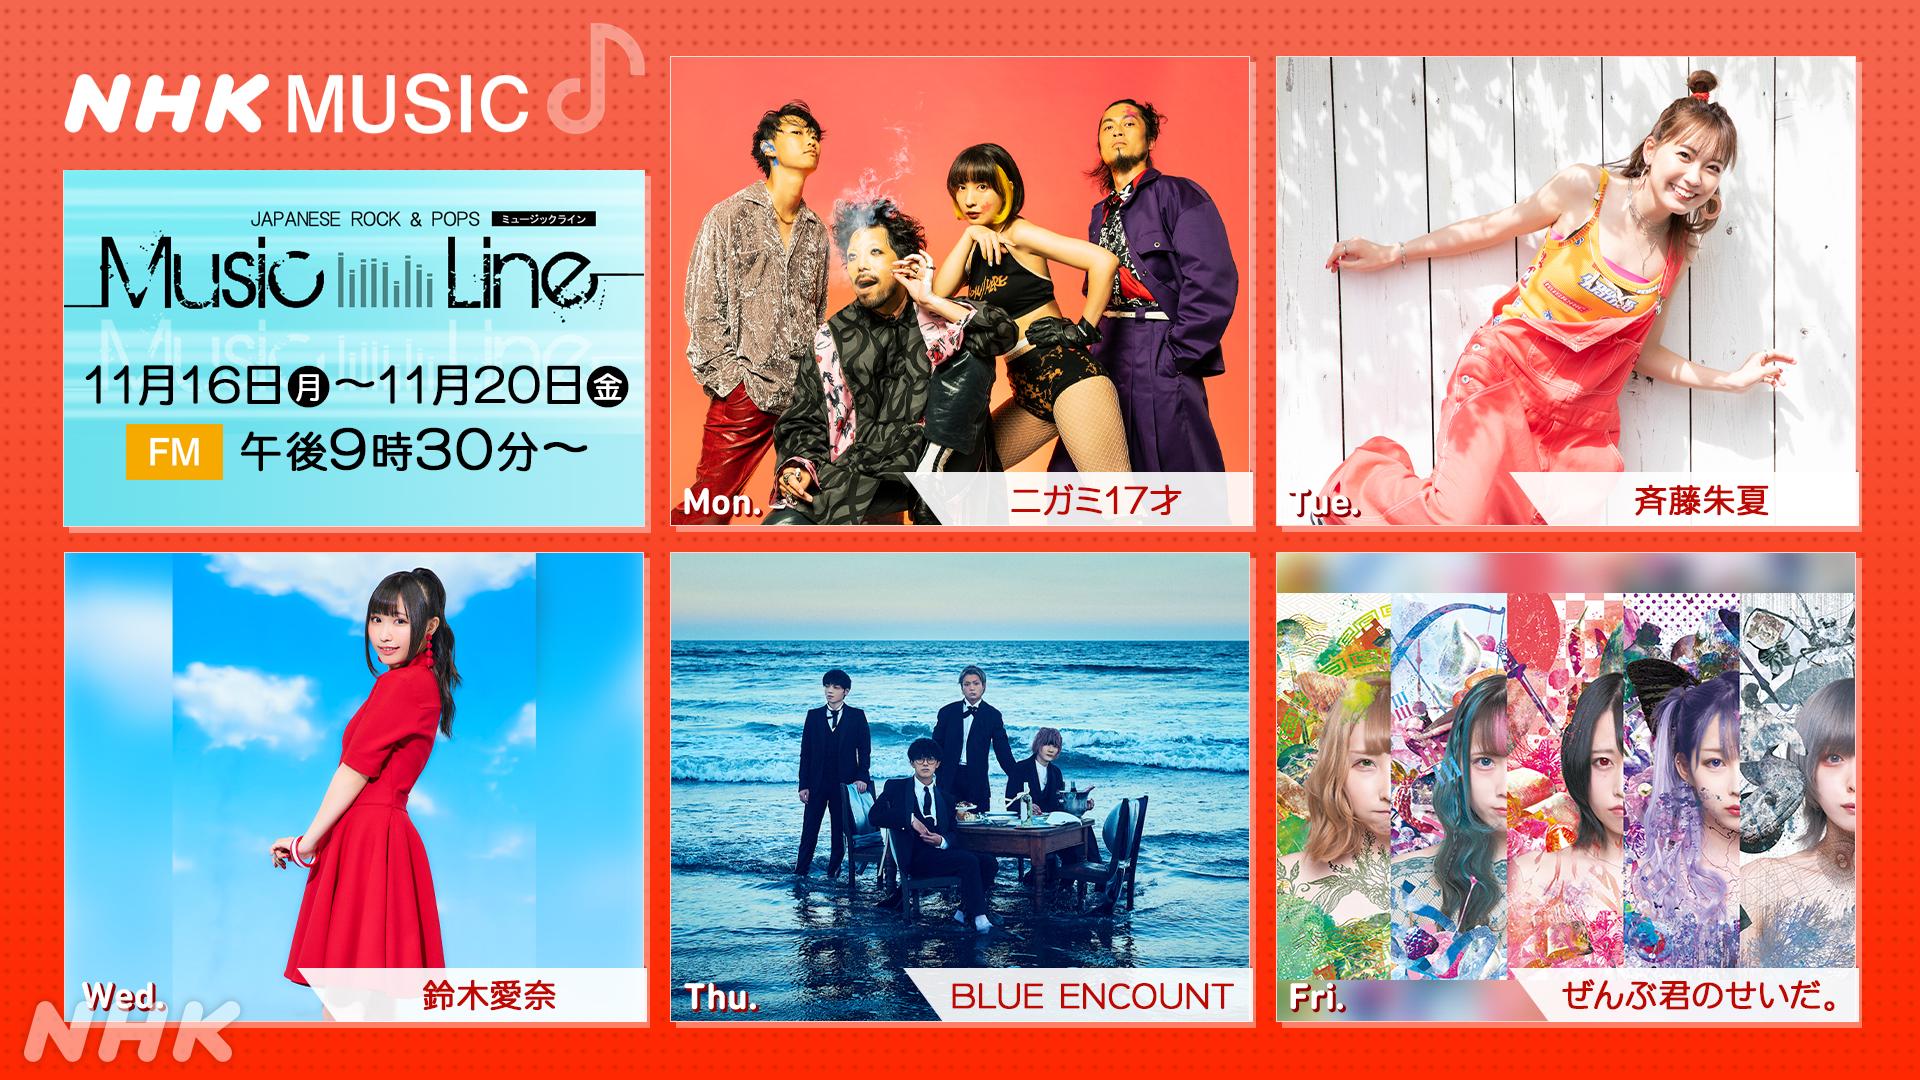 ミュージック fm 公式 サイト 無料音楽 - 音楽fm、ミュージック fm、ミュージック